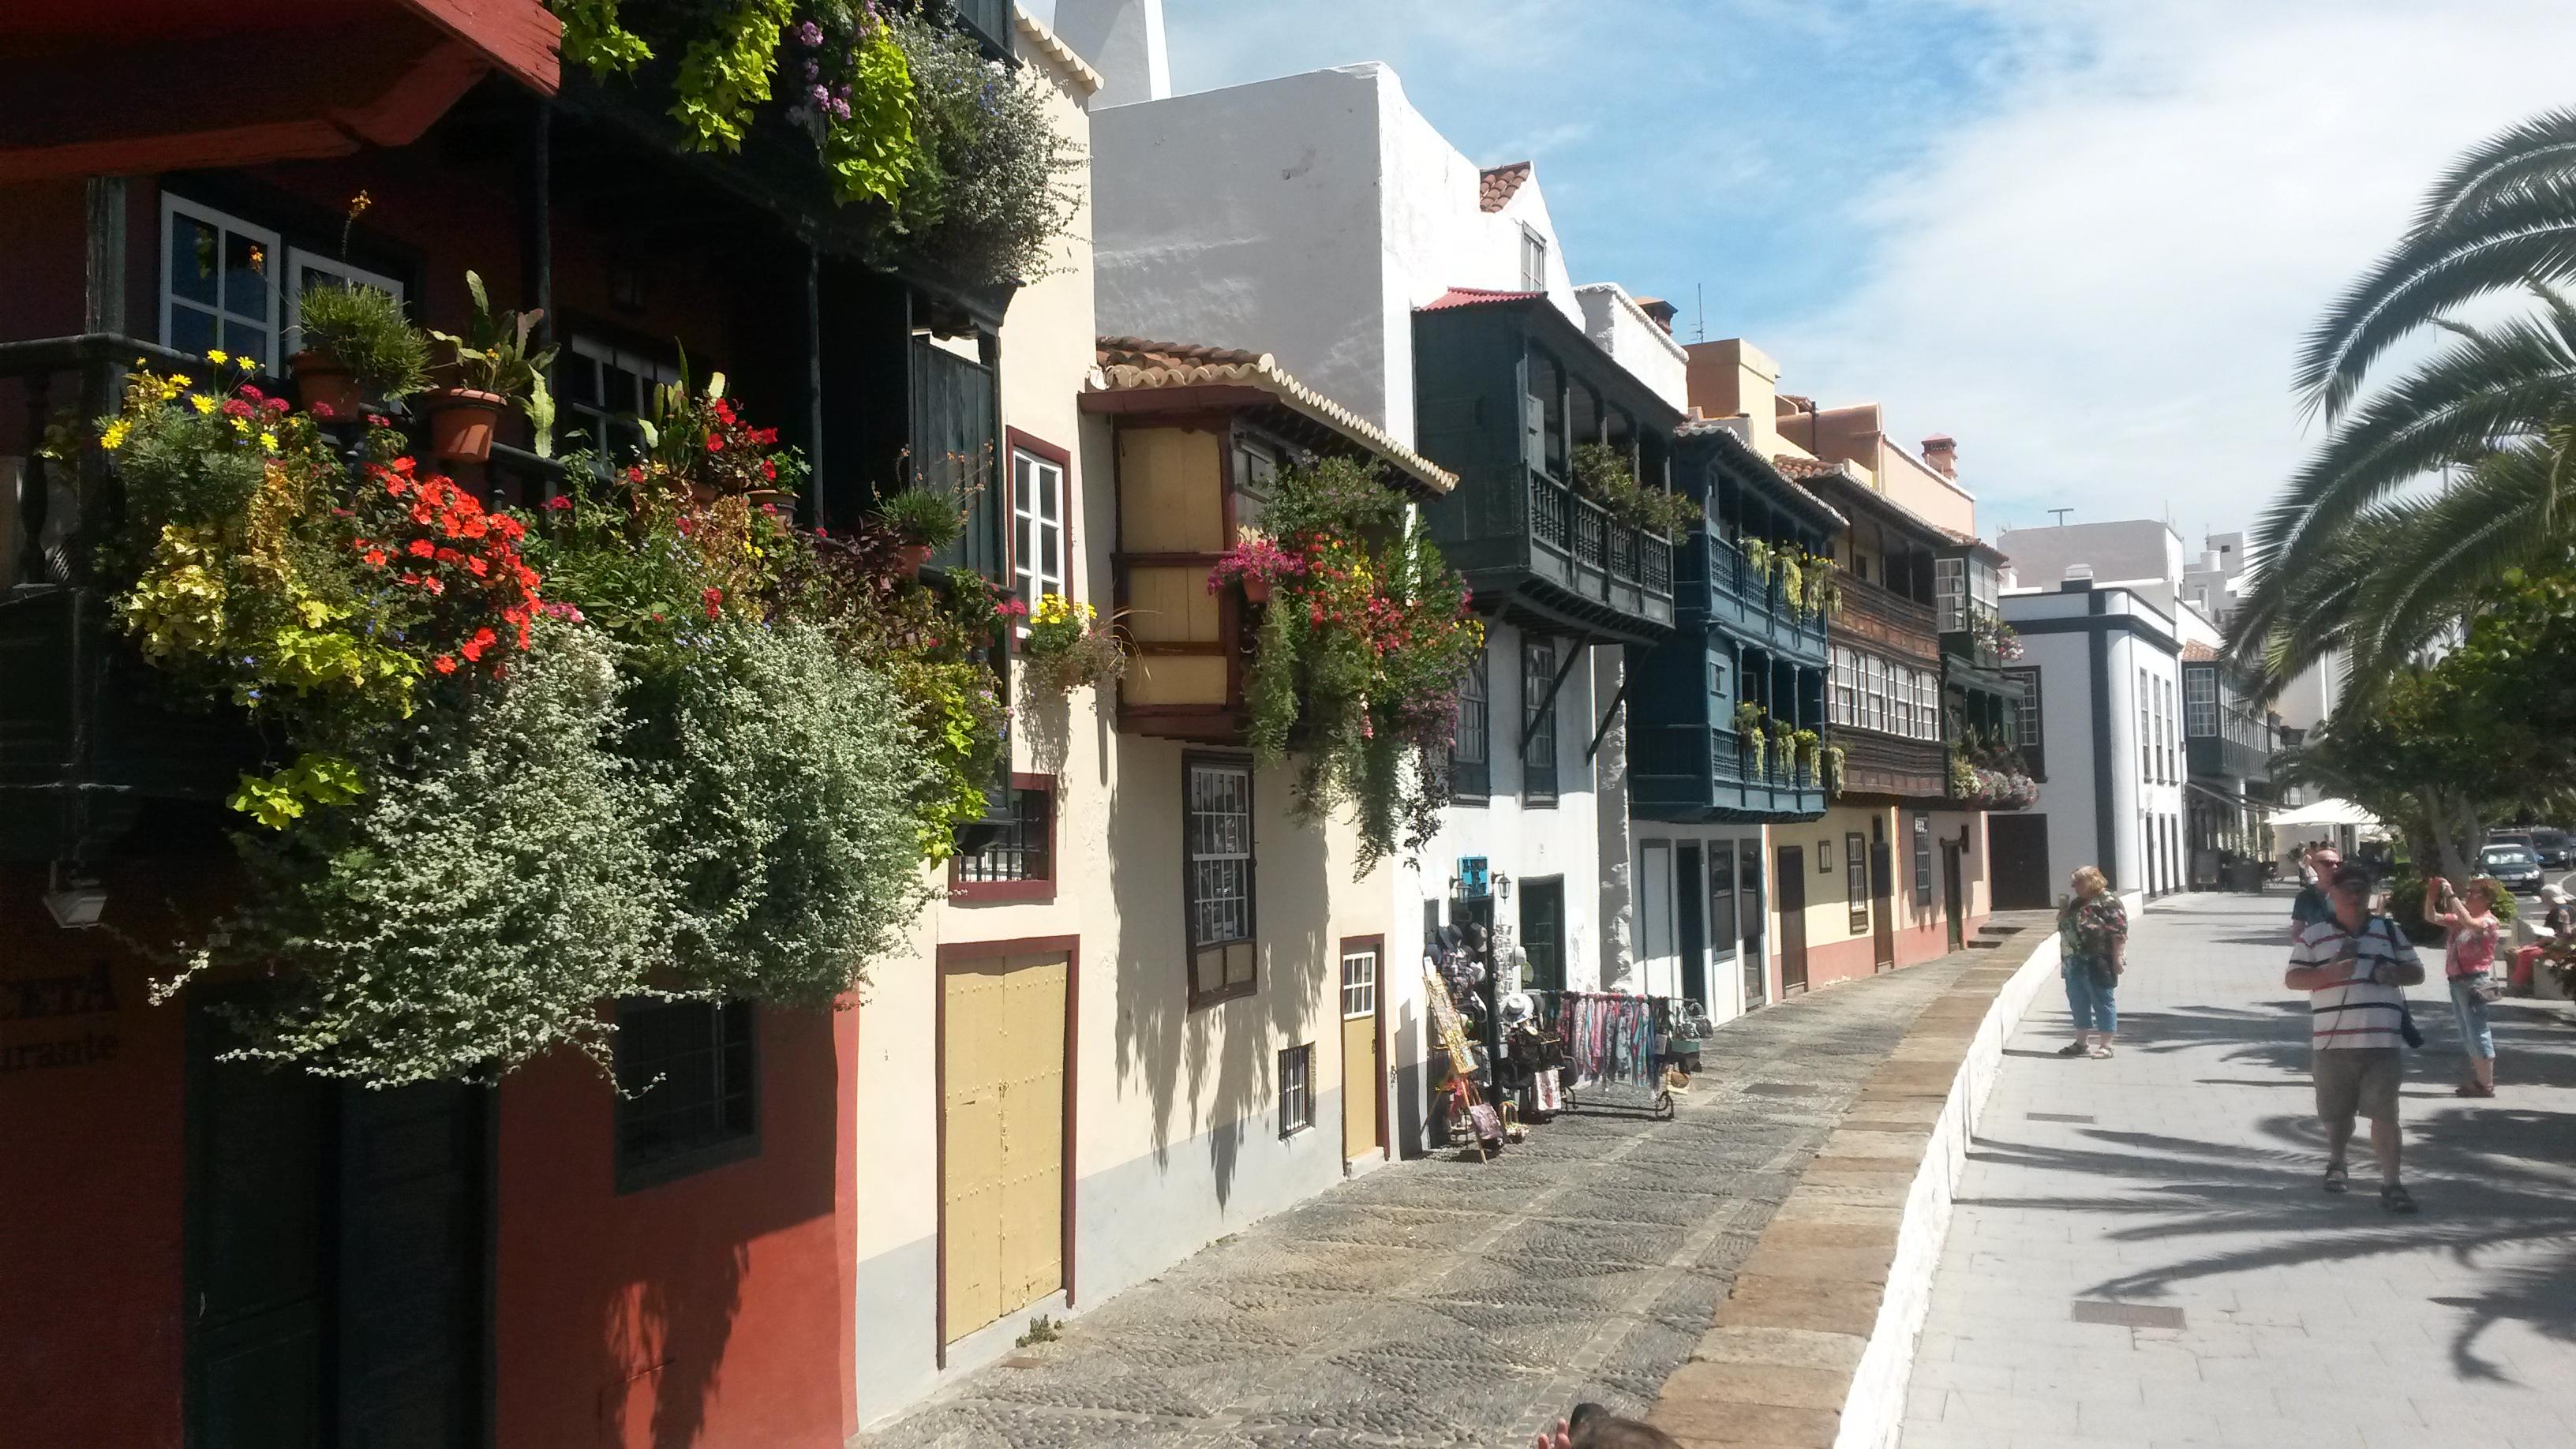 Die beeindruckenden Holzbalkone an der Hafenpromenade von Santa Cruz de La Palma